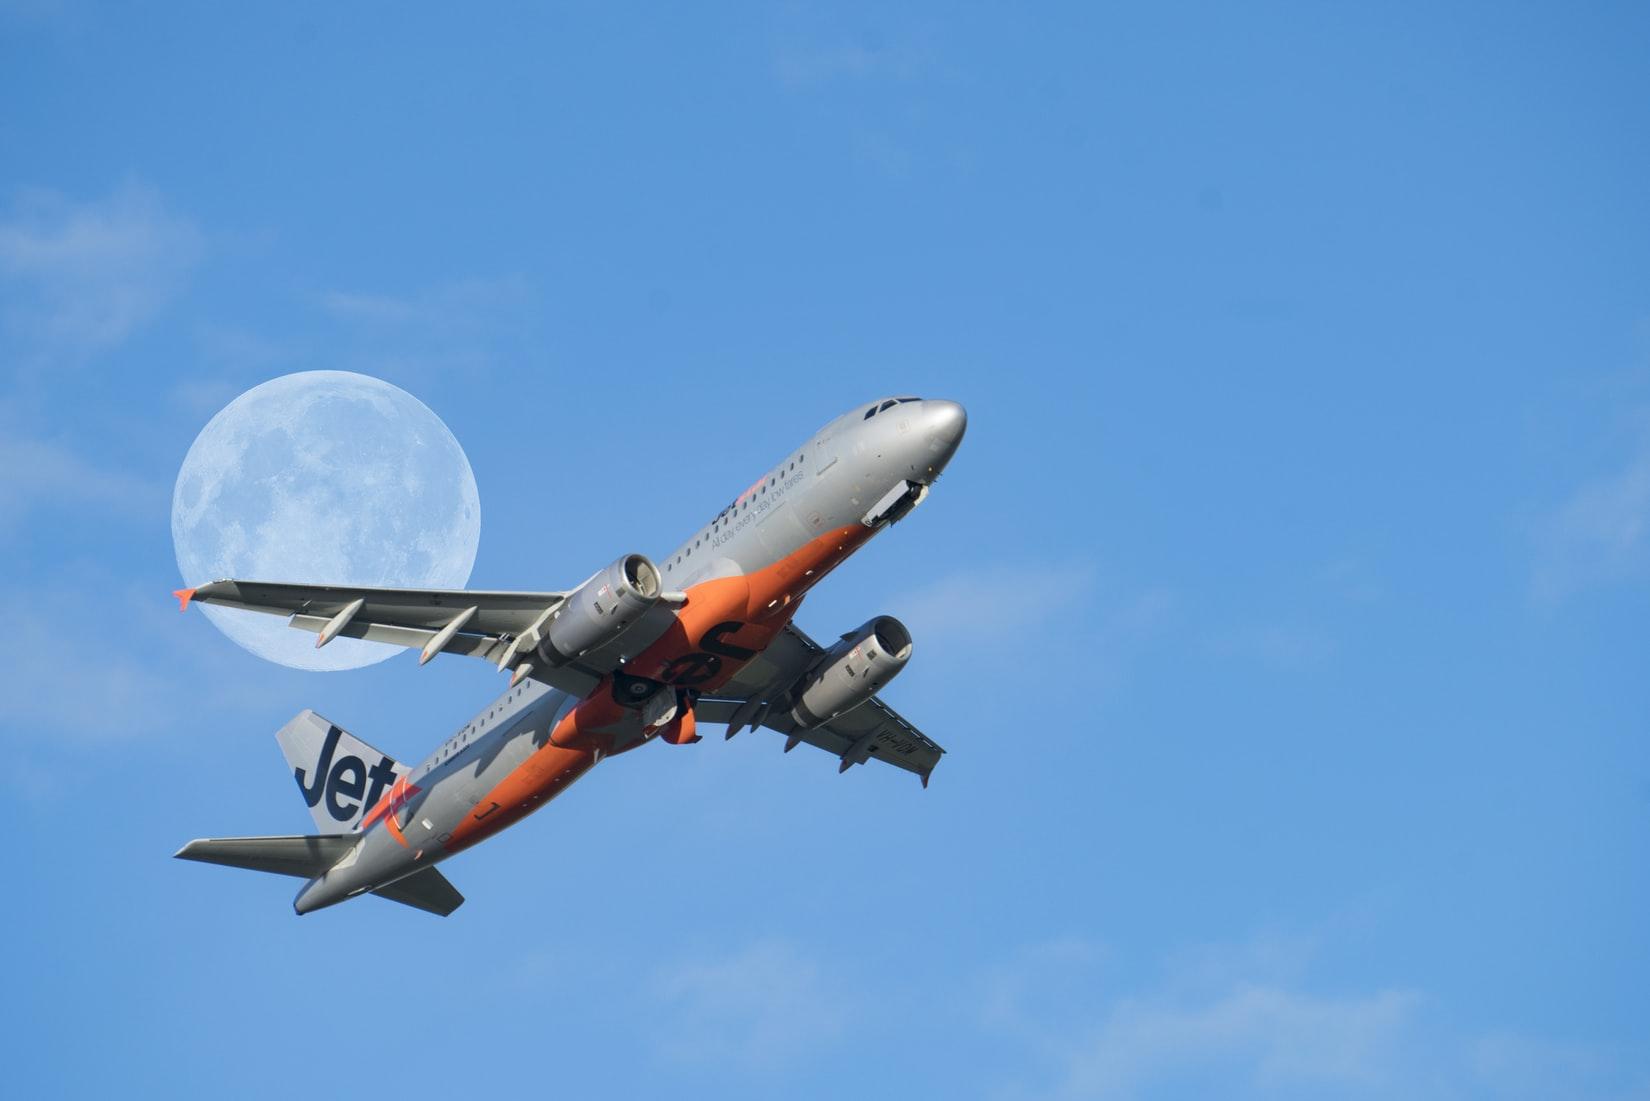 cheap Jetstar flights